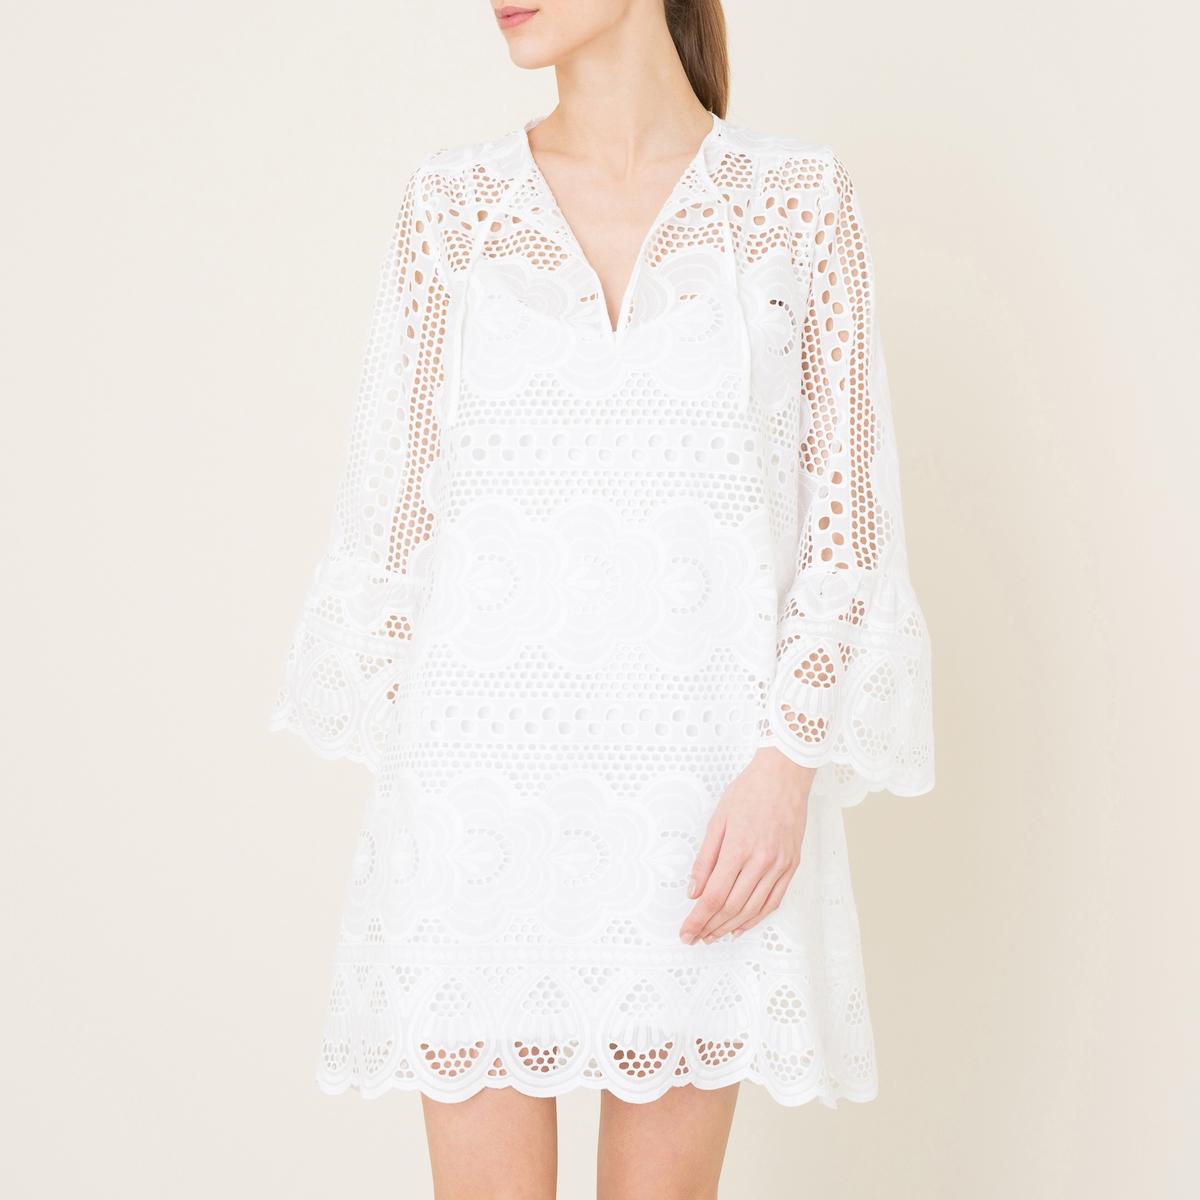 Платье ANVERSКороткое платье VALERIE KHALFON - модель ANVERS из хлопка с английской вышивкой. Круглый вырез с разрезом спереди с завязками. Длинные рукава, манжеты с воланом. 2 кармана в боковых швах. Подкладка платья на тонких бретелях.Состав и описание Материал : 100% хлопокПодкладка платья 97% вискозы, 3% эластанаДлина : 90 см. для размера 36Марка : VALERIE KHALFON<br><br>Цвет: белый